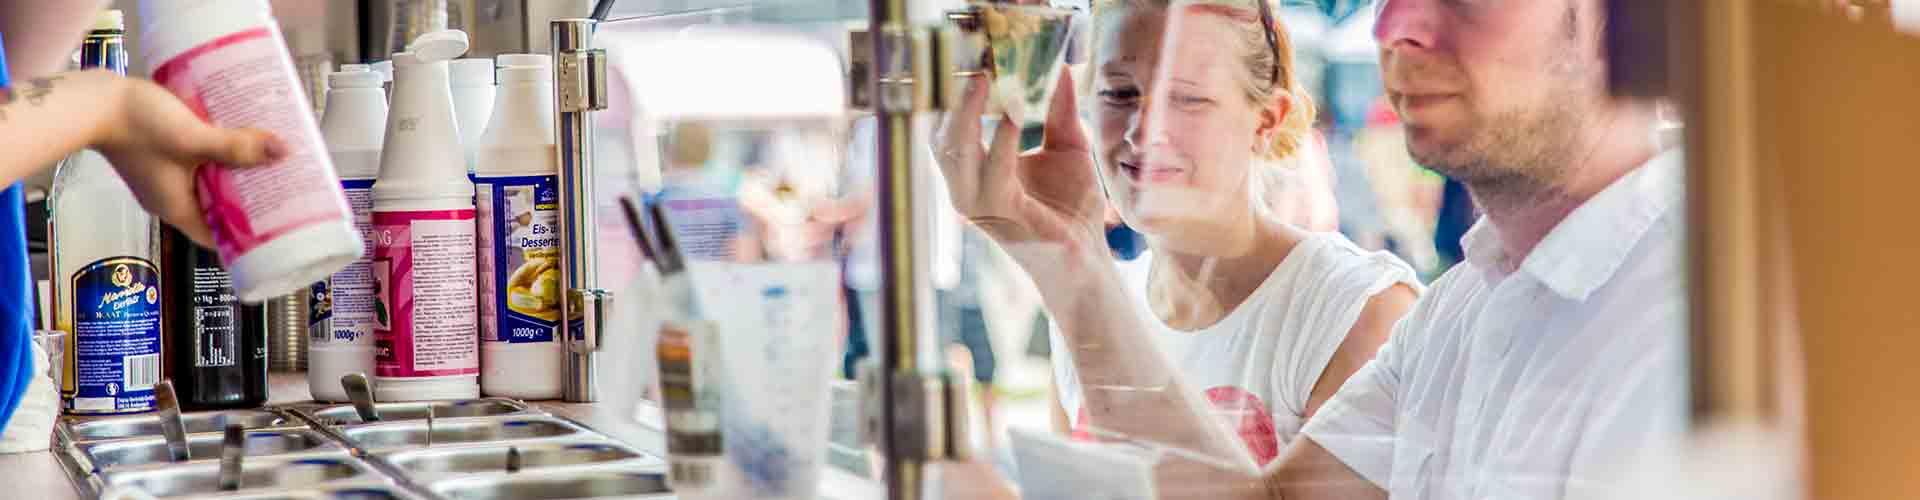 Blick aus Frozen Yogurt Foodtruck heraus auf wartende Street Food Kunden